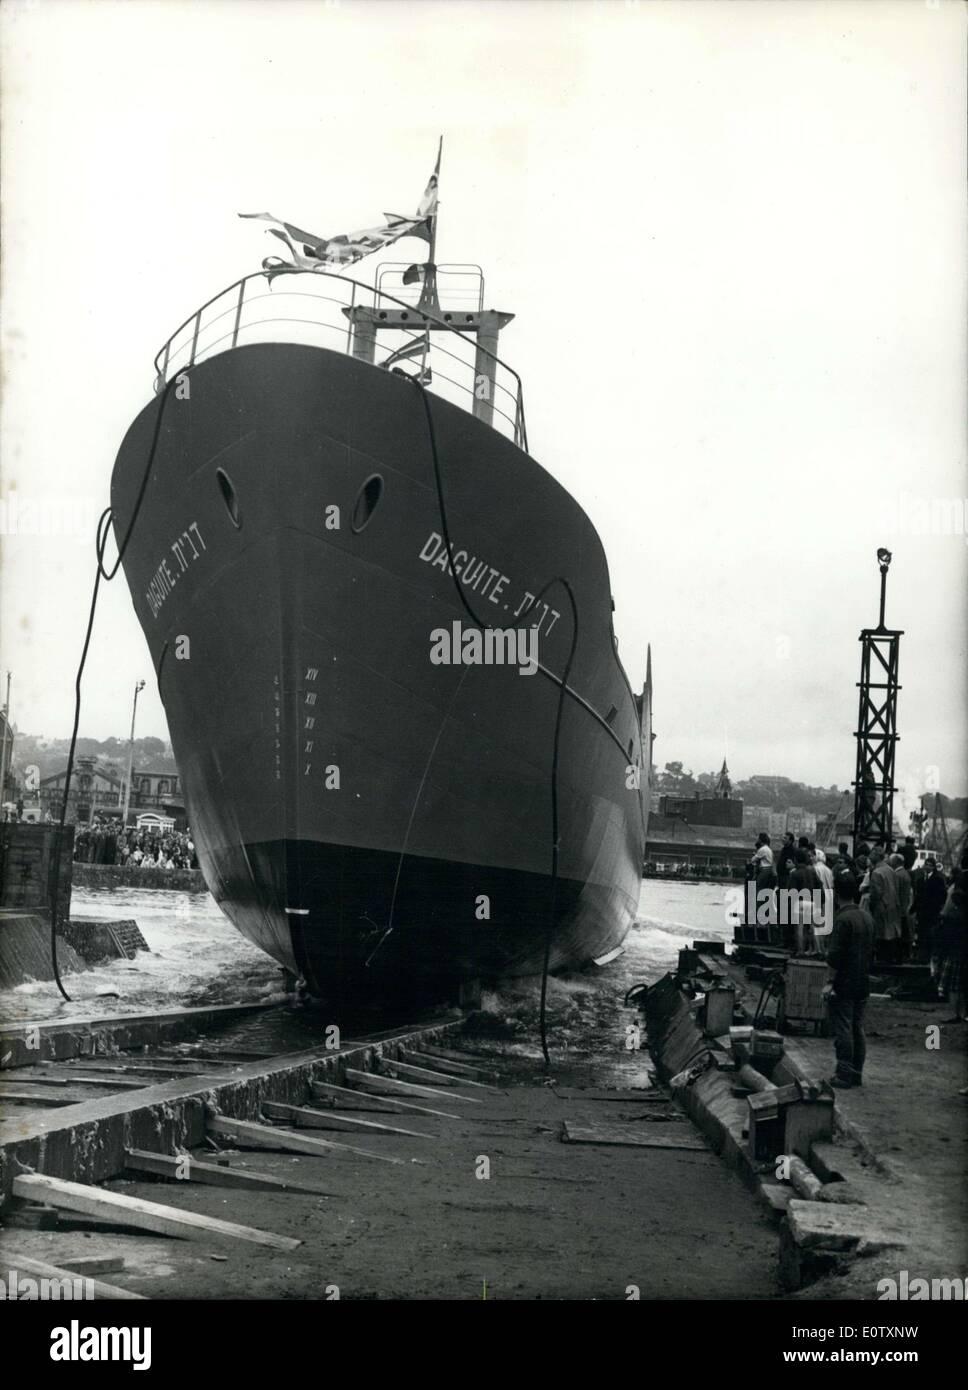 Sept. 09, 1960 - Sponsor des Bootes ist Ruth Dayan. Es ist das erste Fischerboot im Namen Frankreichs in Frankreich Stockbild